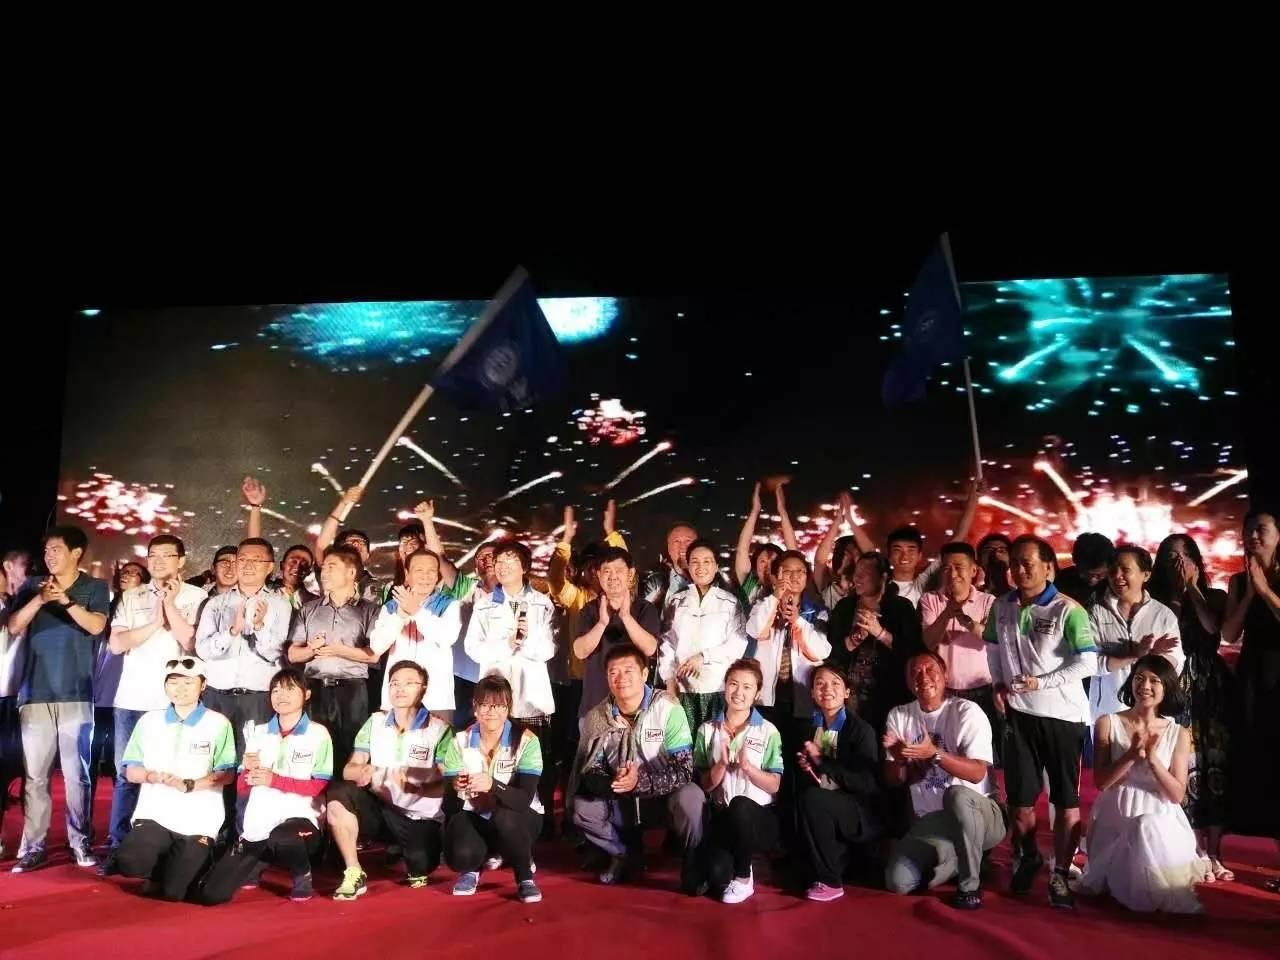 2016大学生帆船训练营在青岛万科完美谢幕,北京大学代表队摘得冠军殊荣!